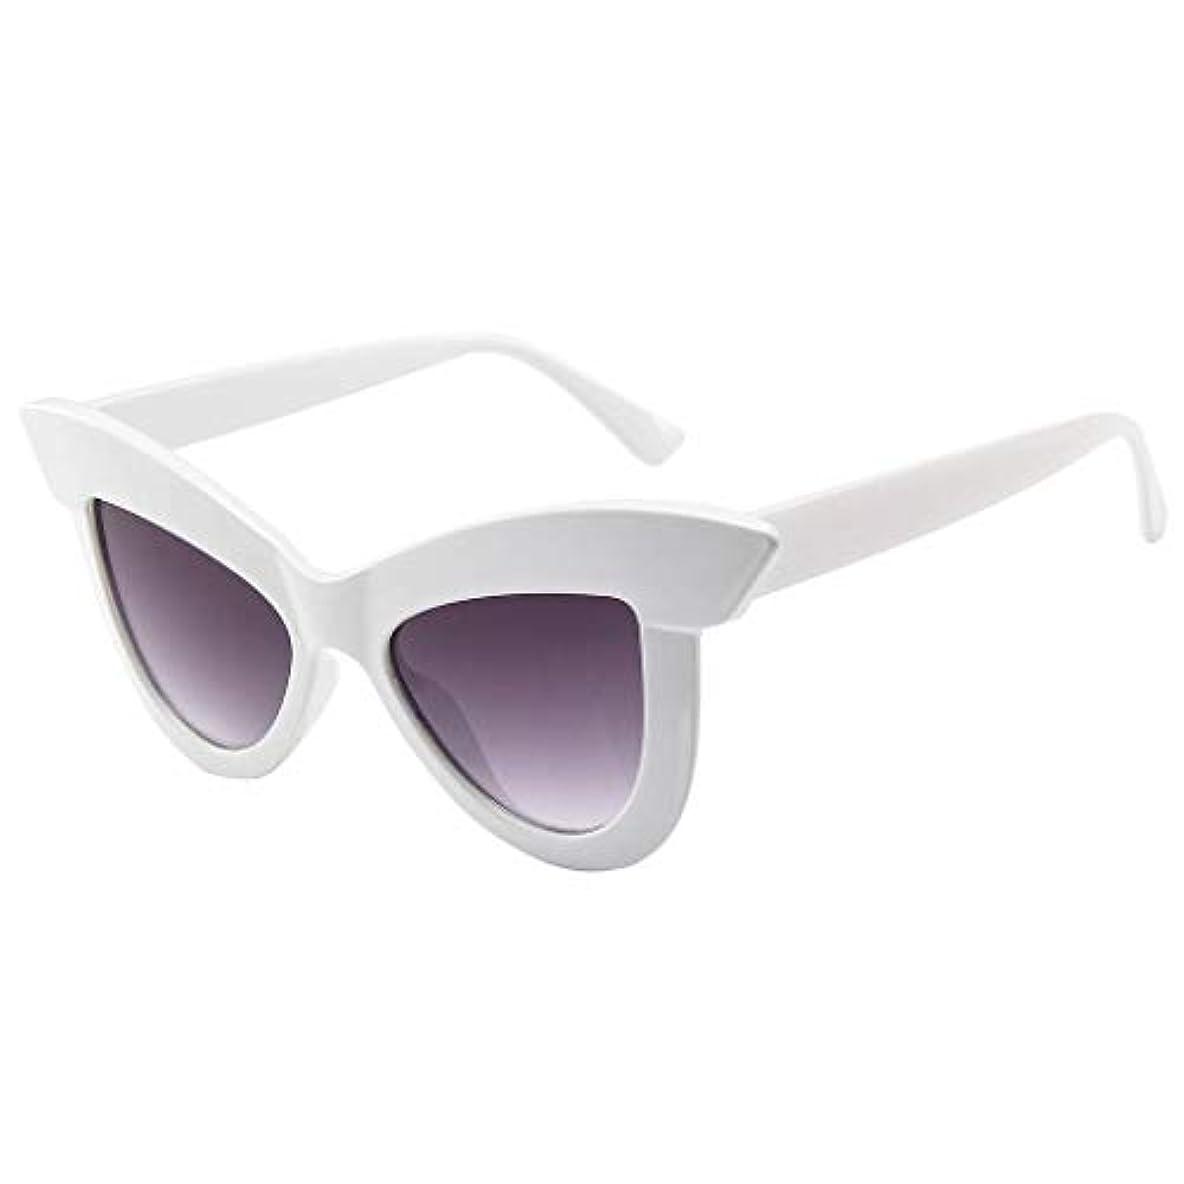 拮抗比較的学校の先生HPYOD HOME 女性パーティーアイウェアキャッツアイサングラス、レトロノベルティフレーム偏光眼鏡ブルーライトブロッキングメガネ2019新しい服セットアクセサリー